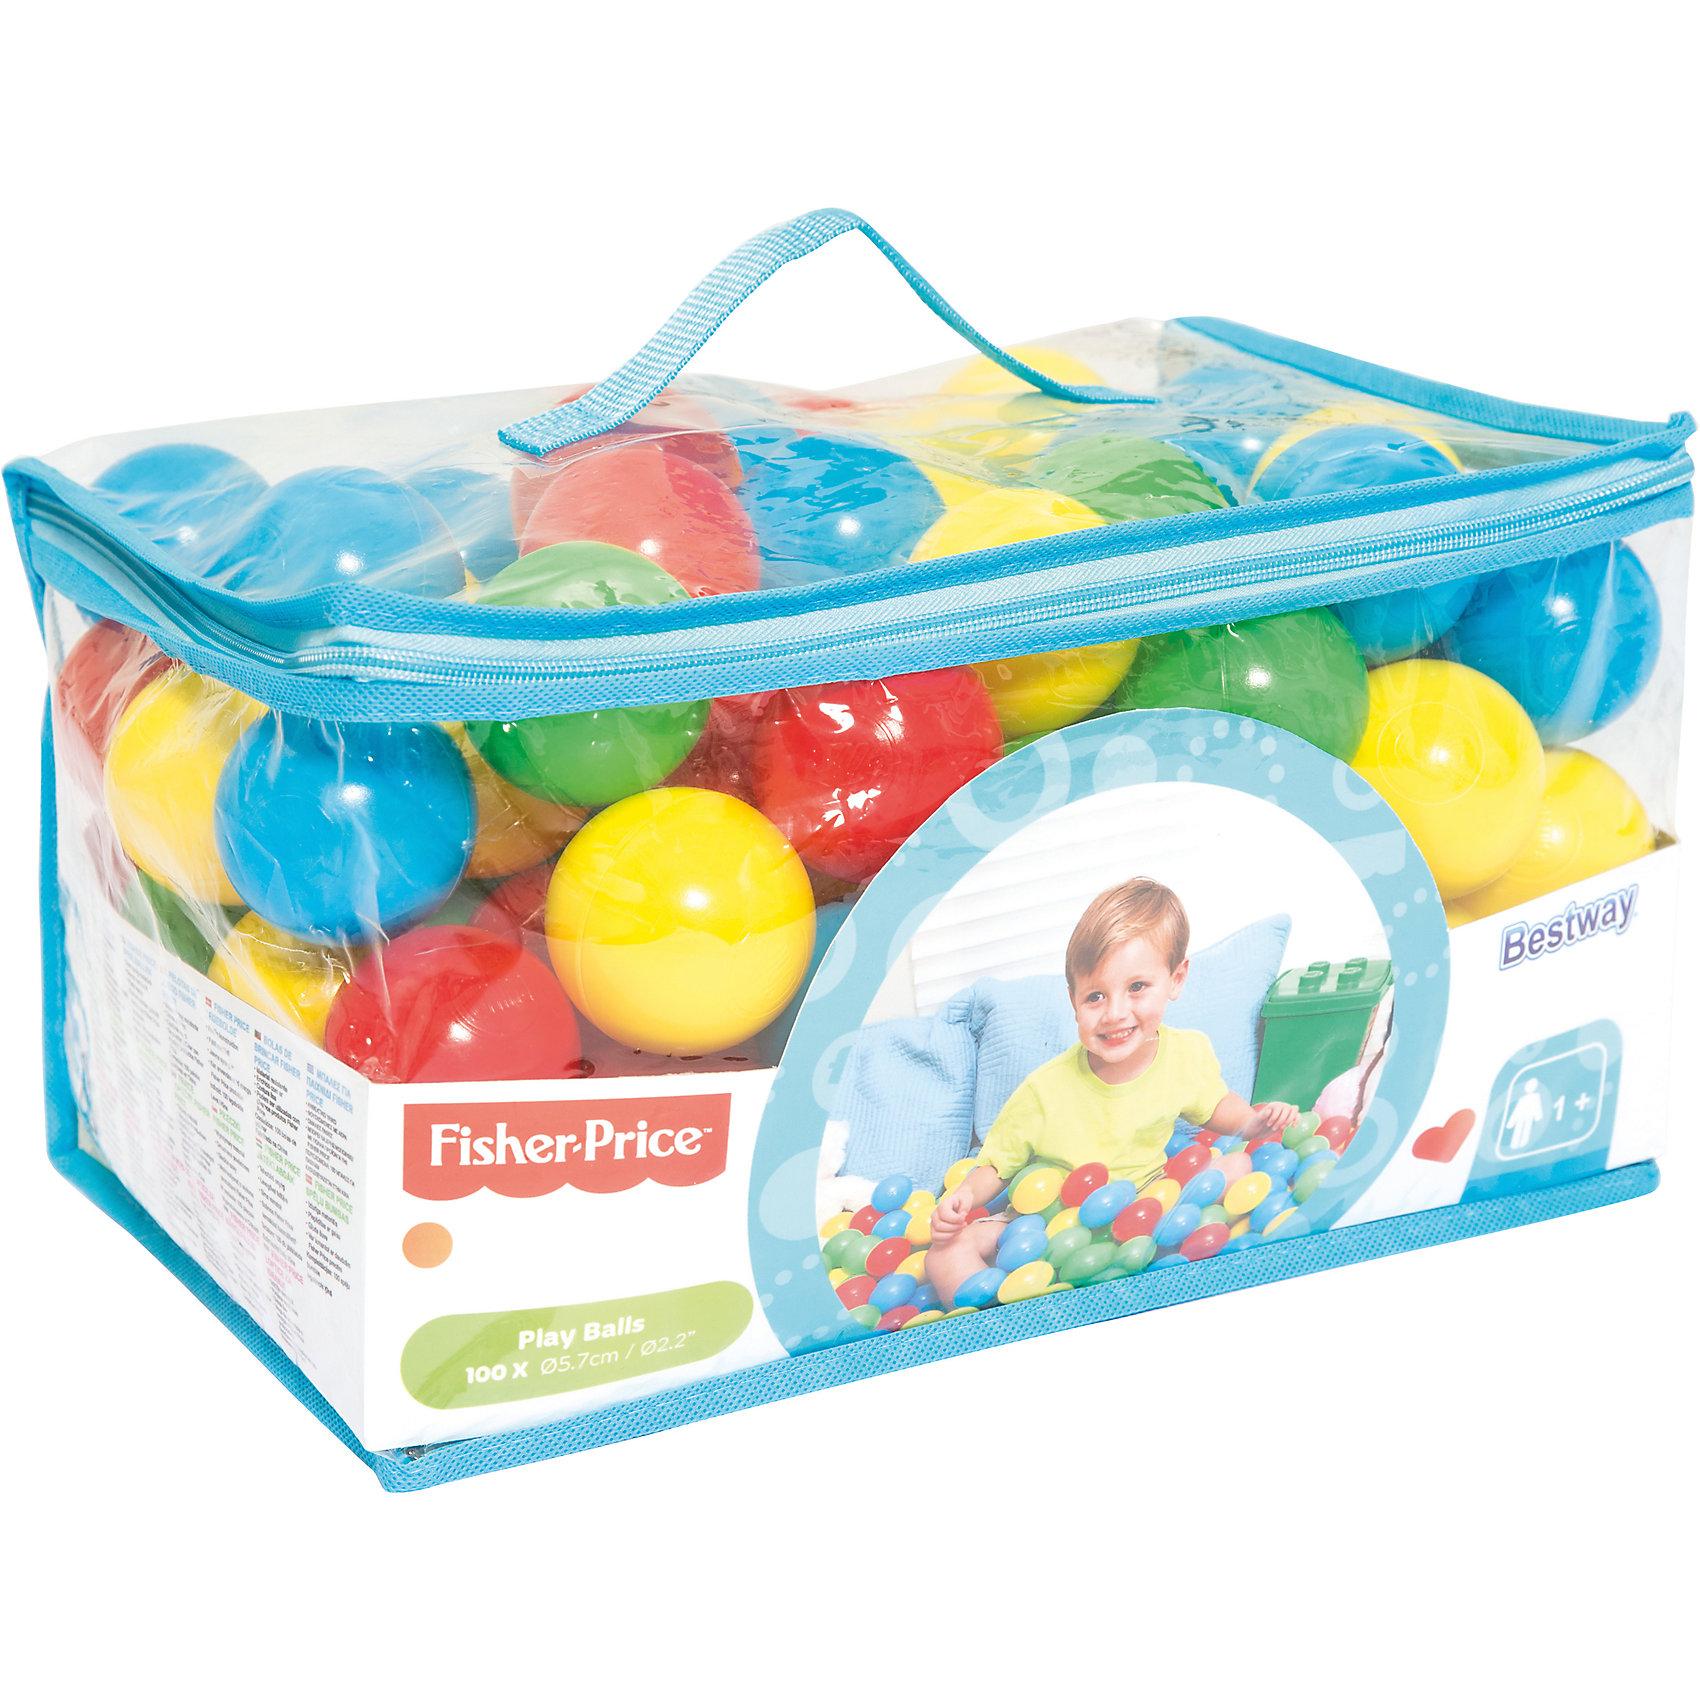 Шарики для игр 5,7 см 100 шт, Fisher Price, BestwayИгровые наборы<br>Шарики для игр 5,7 см 100 шт, Fisher Price, Bestway (Бествей)<br><br>Характеристики:<br><br>• яркие разноцветные шарики для игры<br>• удобная упаковка<br>• диаметр шарика: 5,7 см<br>• количество: 100 шт<br>• вес: 694 грамма<br><br>Яркие шарики Bestway помогут разнообразить игры в бассейне. Яркие цвета шариков непременно привлекут внимание ребенка. Удобная упаковка поможет вам хранить шарики, не теряя их. Диаметр шарика - 5,7 сантиметра.<br><br>Шарики для игр 5,7 см 100 шт, Fisher Price, Bestway (Бествей) можно купить в нашем интернет-магазине.<br><br>Ширина мм: 600<br>Глубина мм: 380<br>Высота мм: 480<br>Вес г: 694<br>Возраст от месяцев: 12<br>Возраст до месяцев: 2147483647<br>Пол: Унисекс<br>Возраст: Детский<br>SKU: 5486980